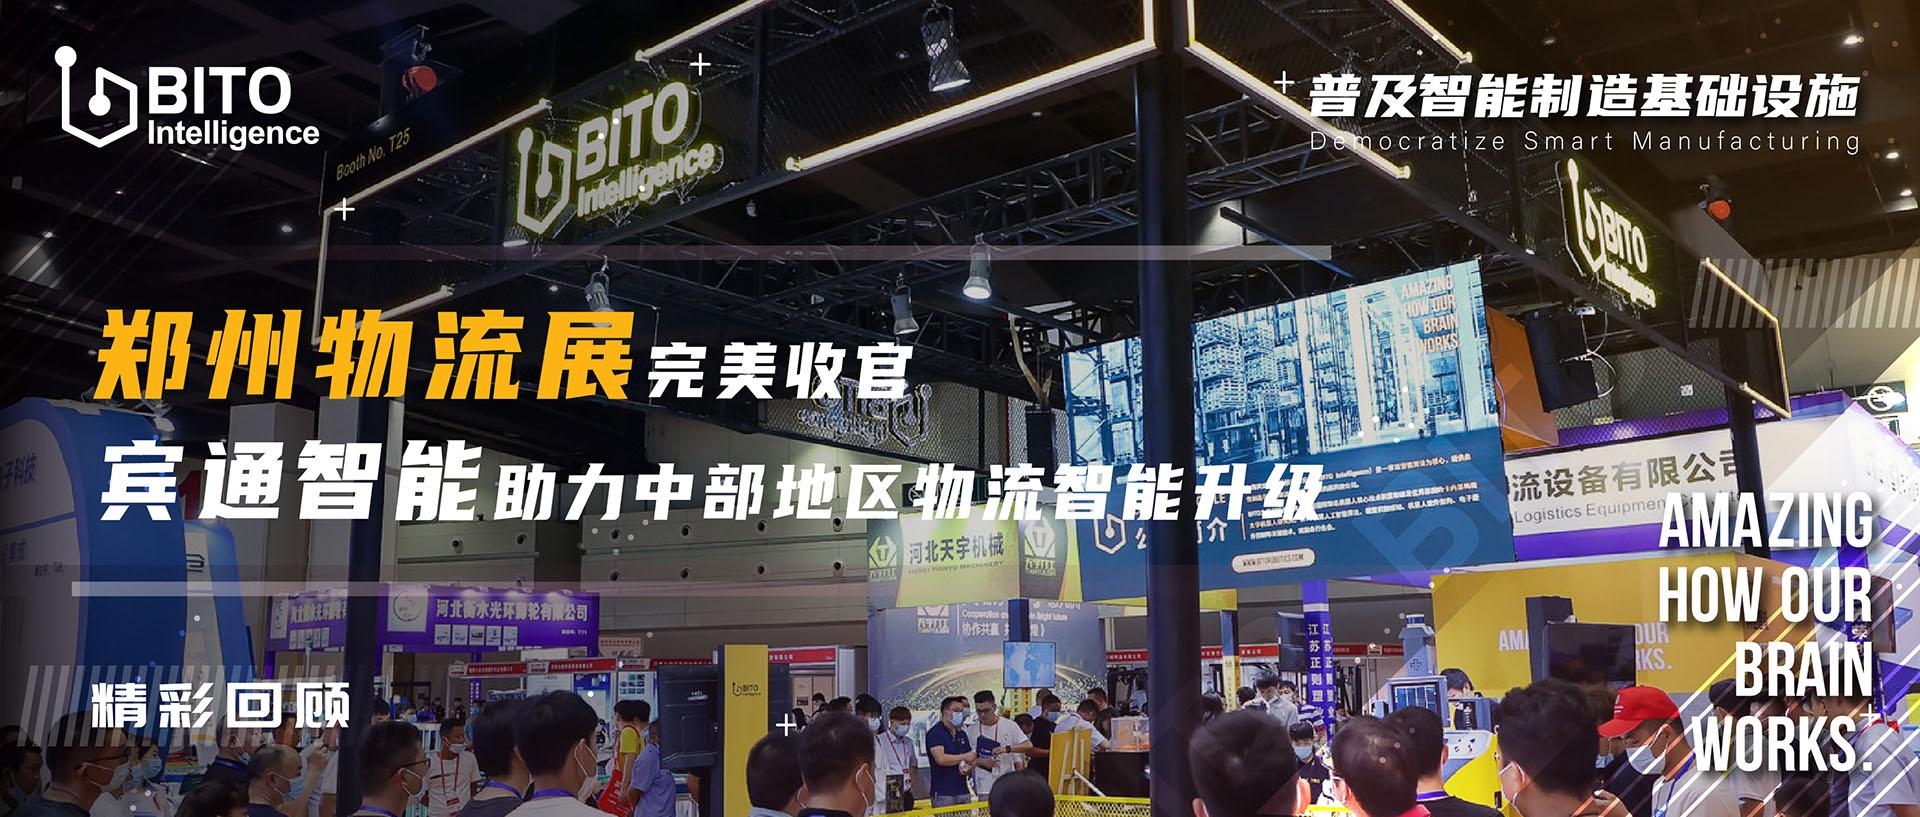 精彩回顾   郑州物流展完美收官,宾通智能助力中部地区物流智能升级